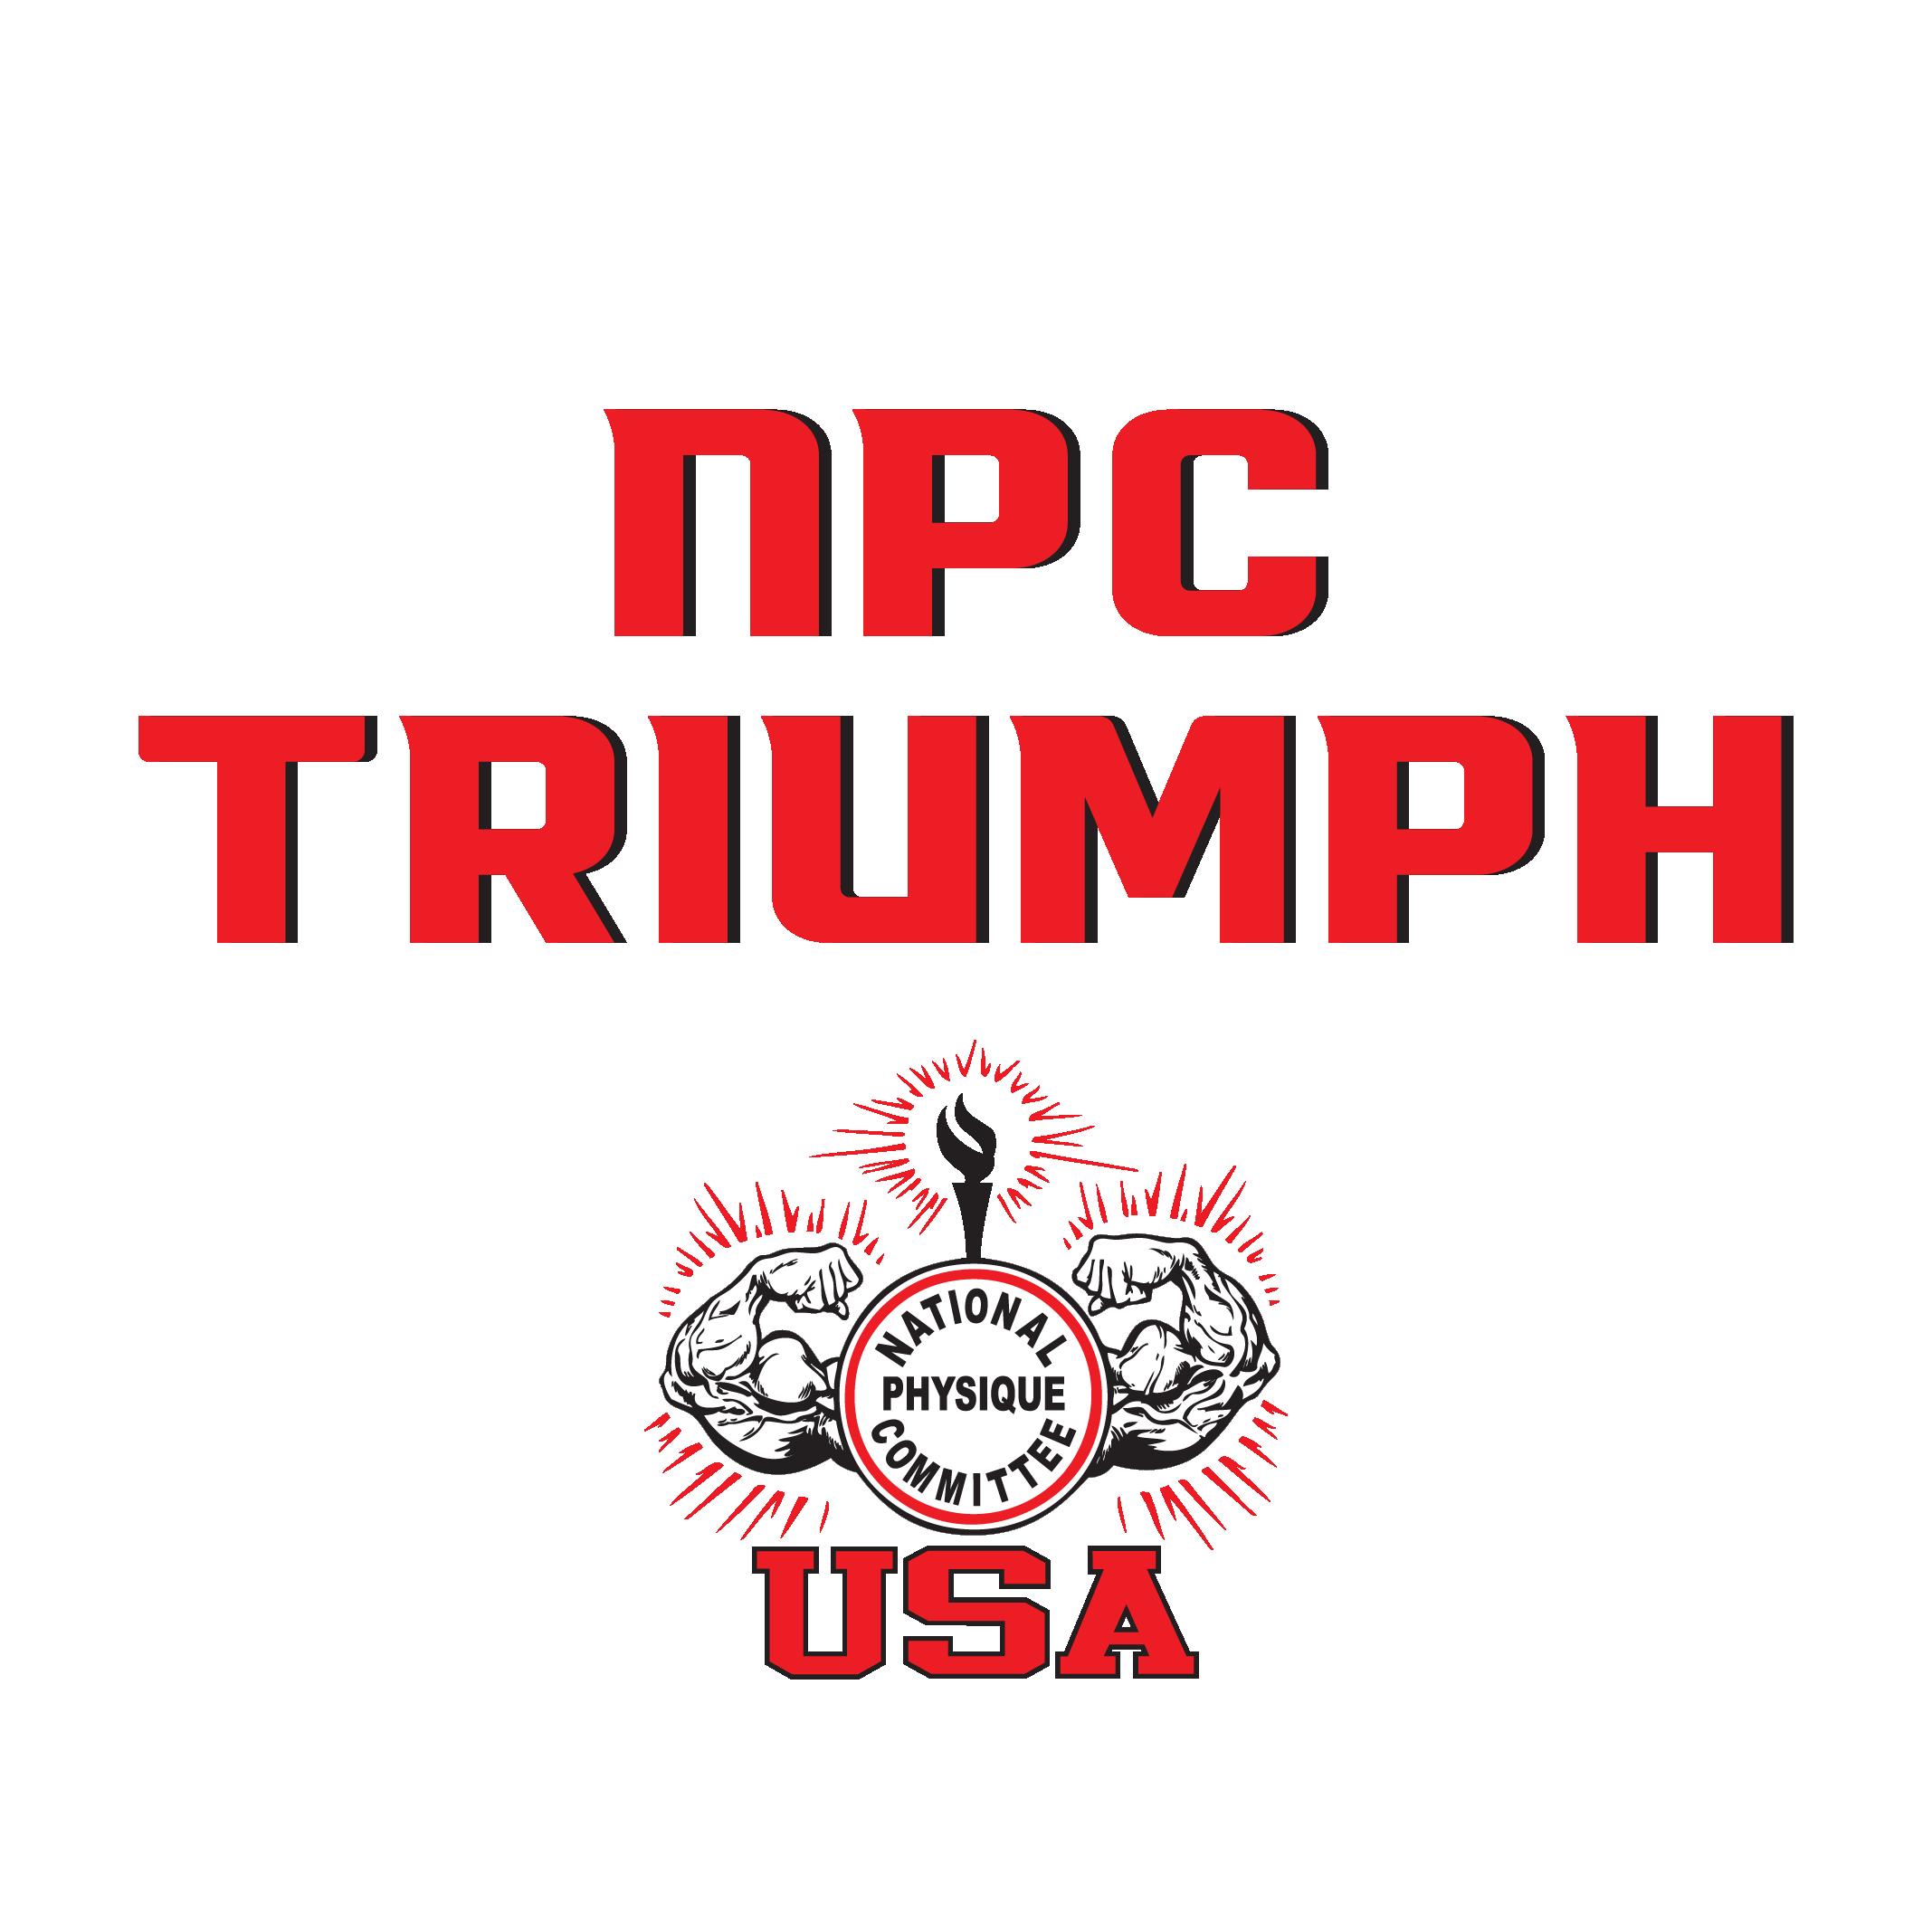 NPC Triumph